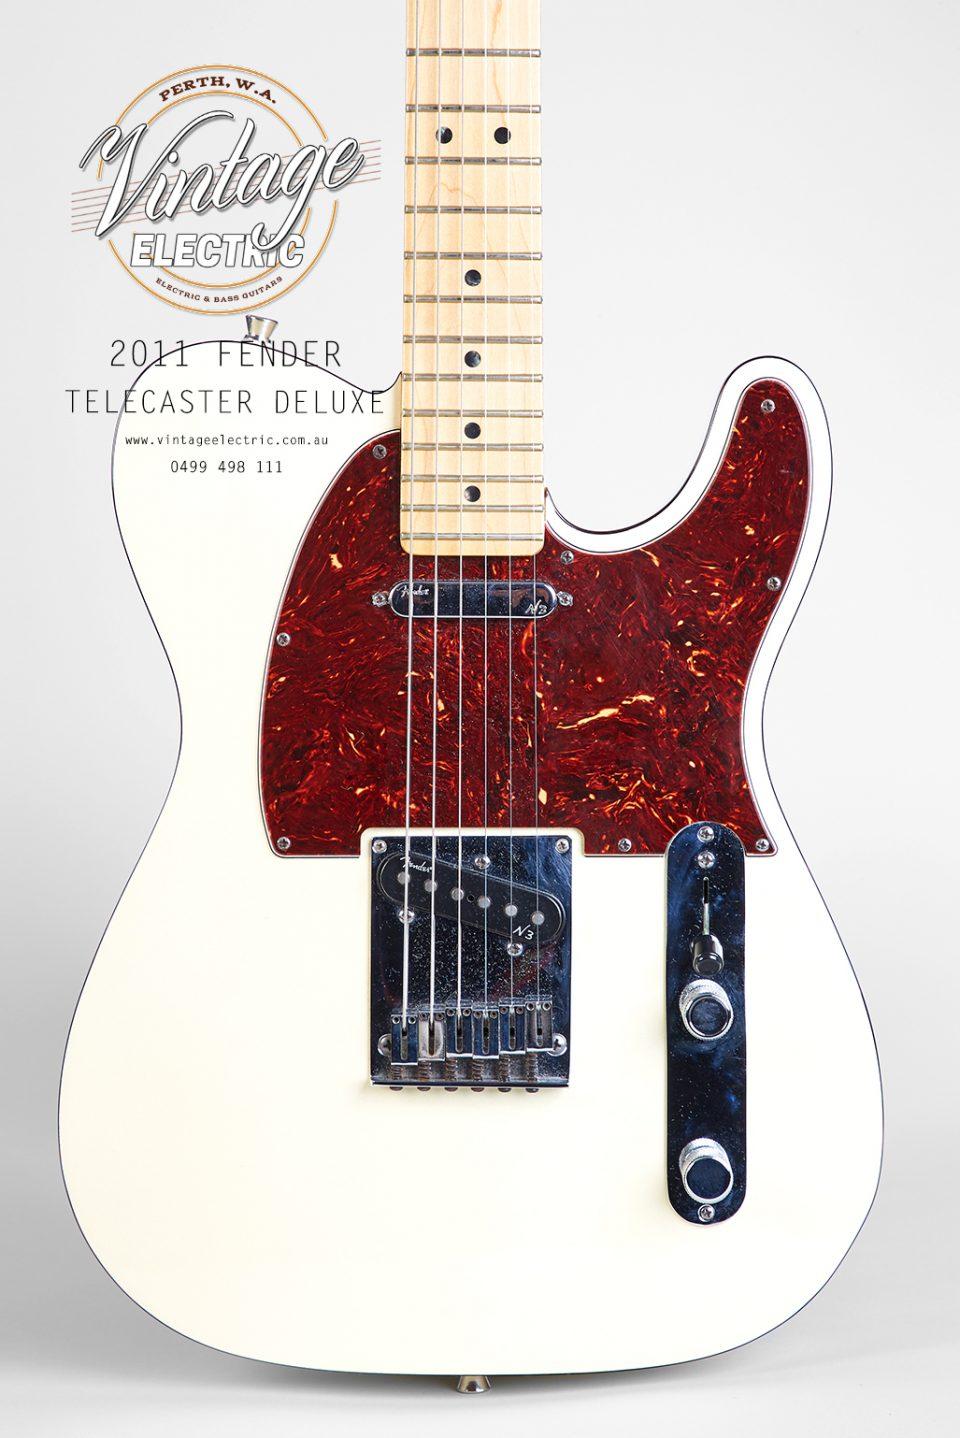 2011 Fender Telecaster White Deluxe Body